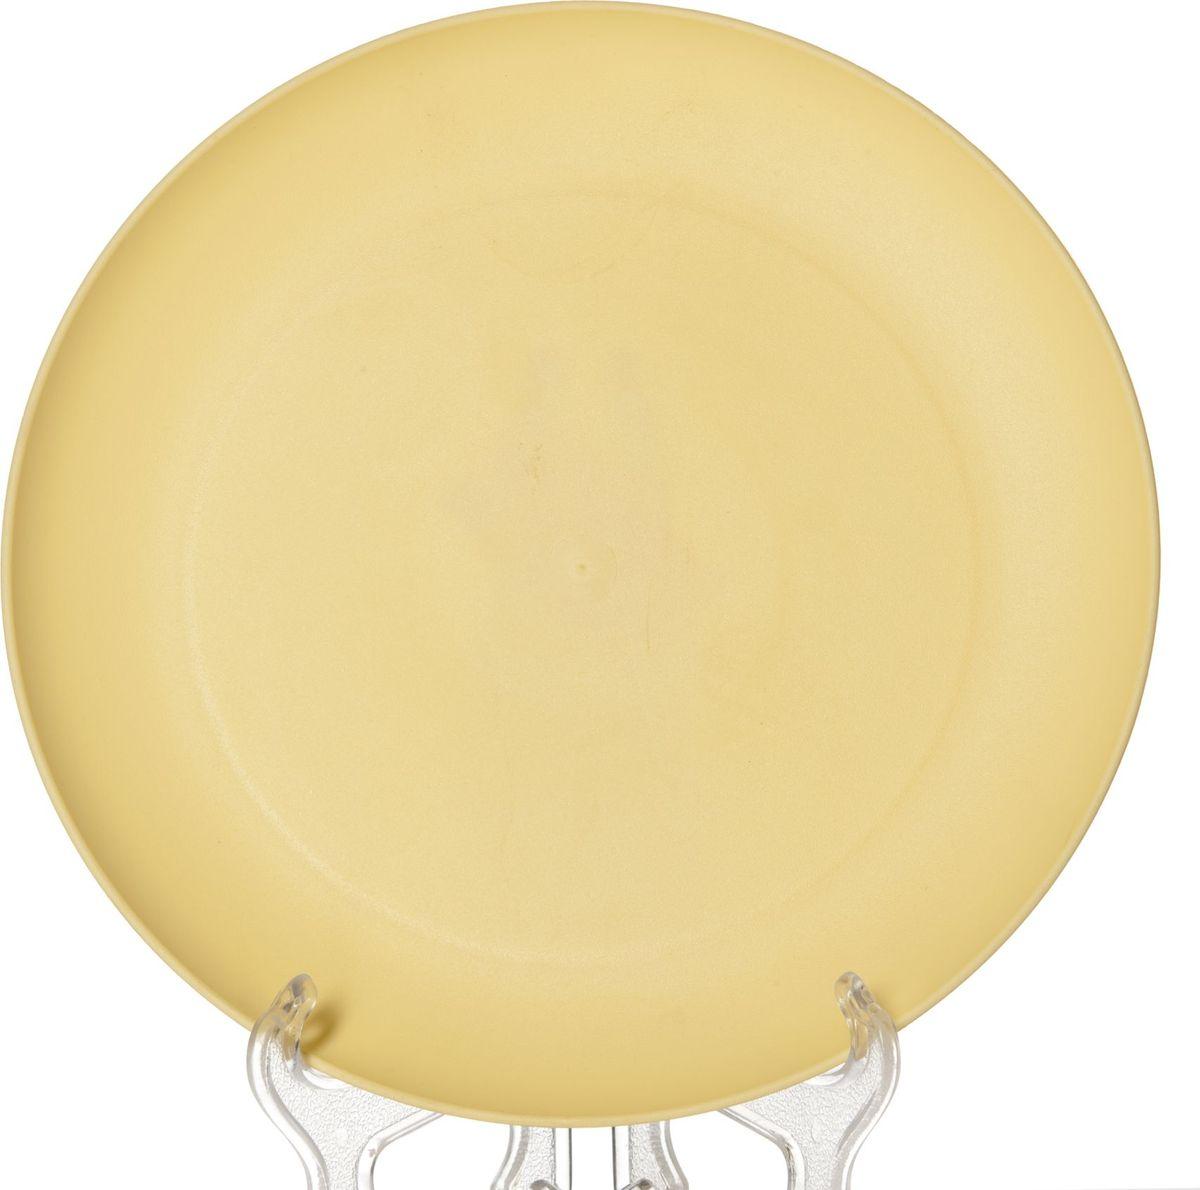 Тарелка Gotoff, диаметр 23,5 см. WTC-273WTC-273Тарелка круглая 235*16